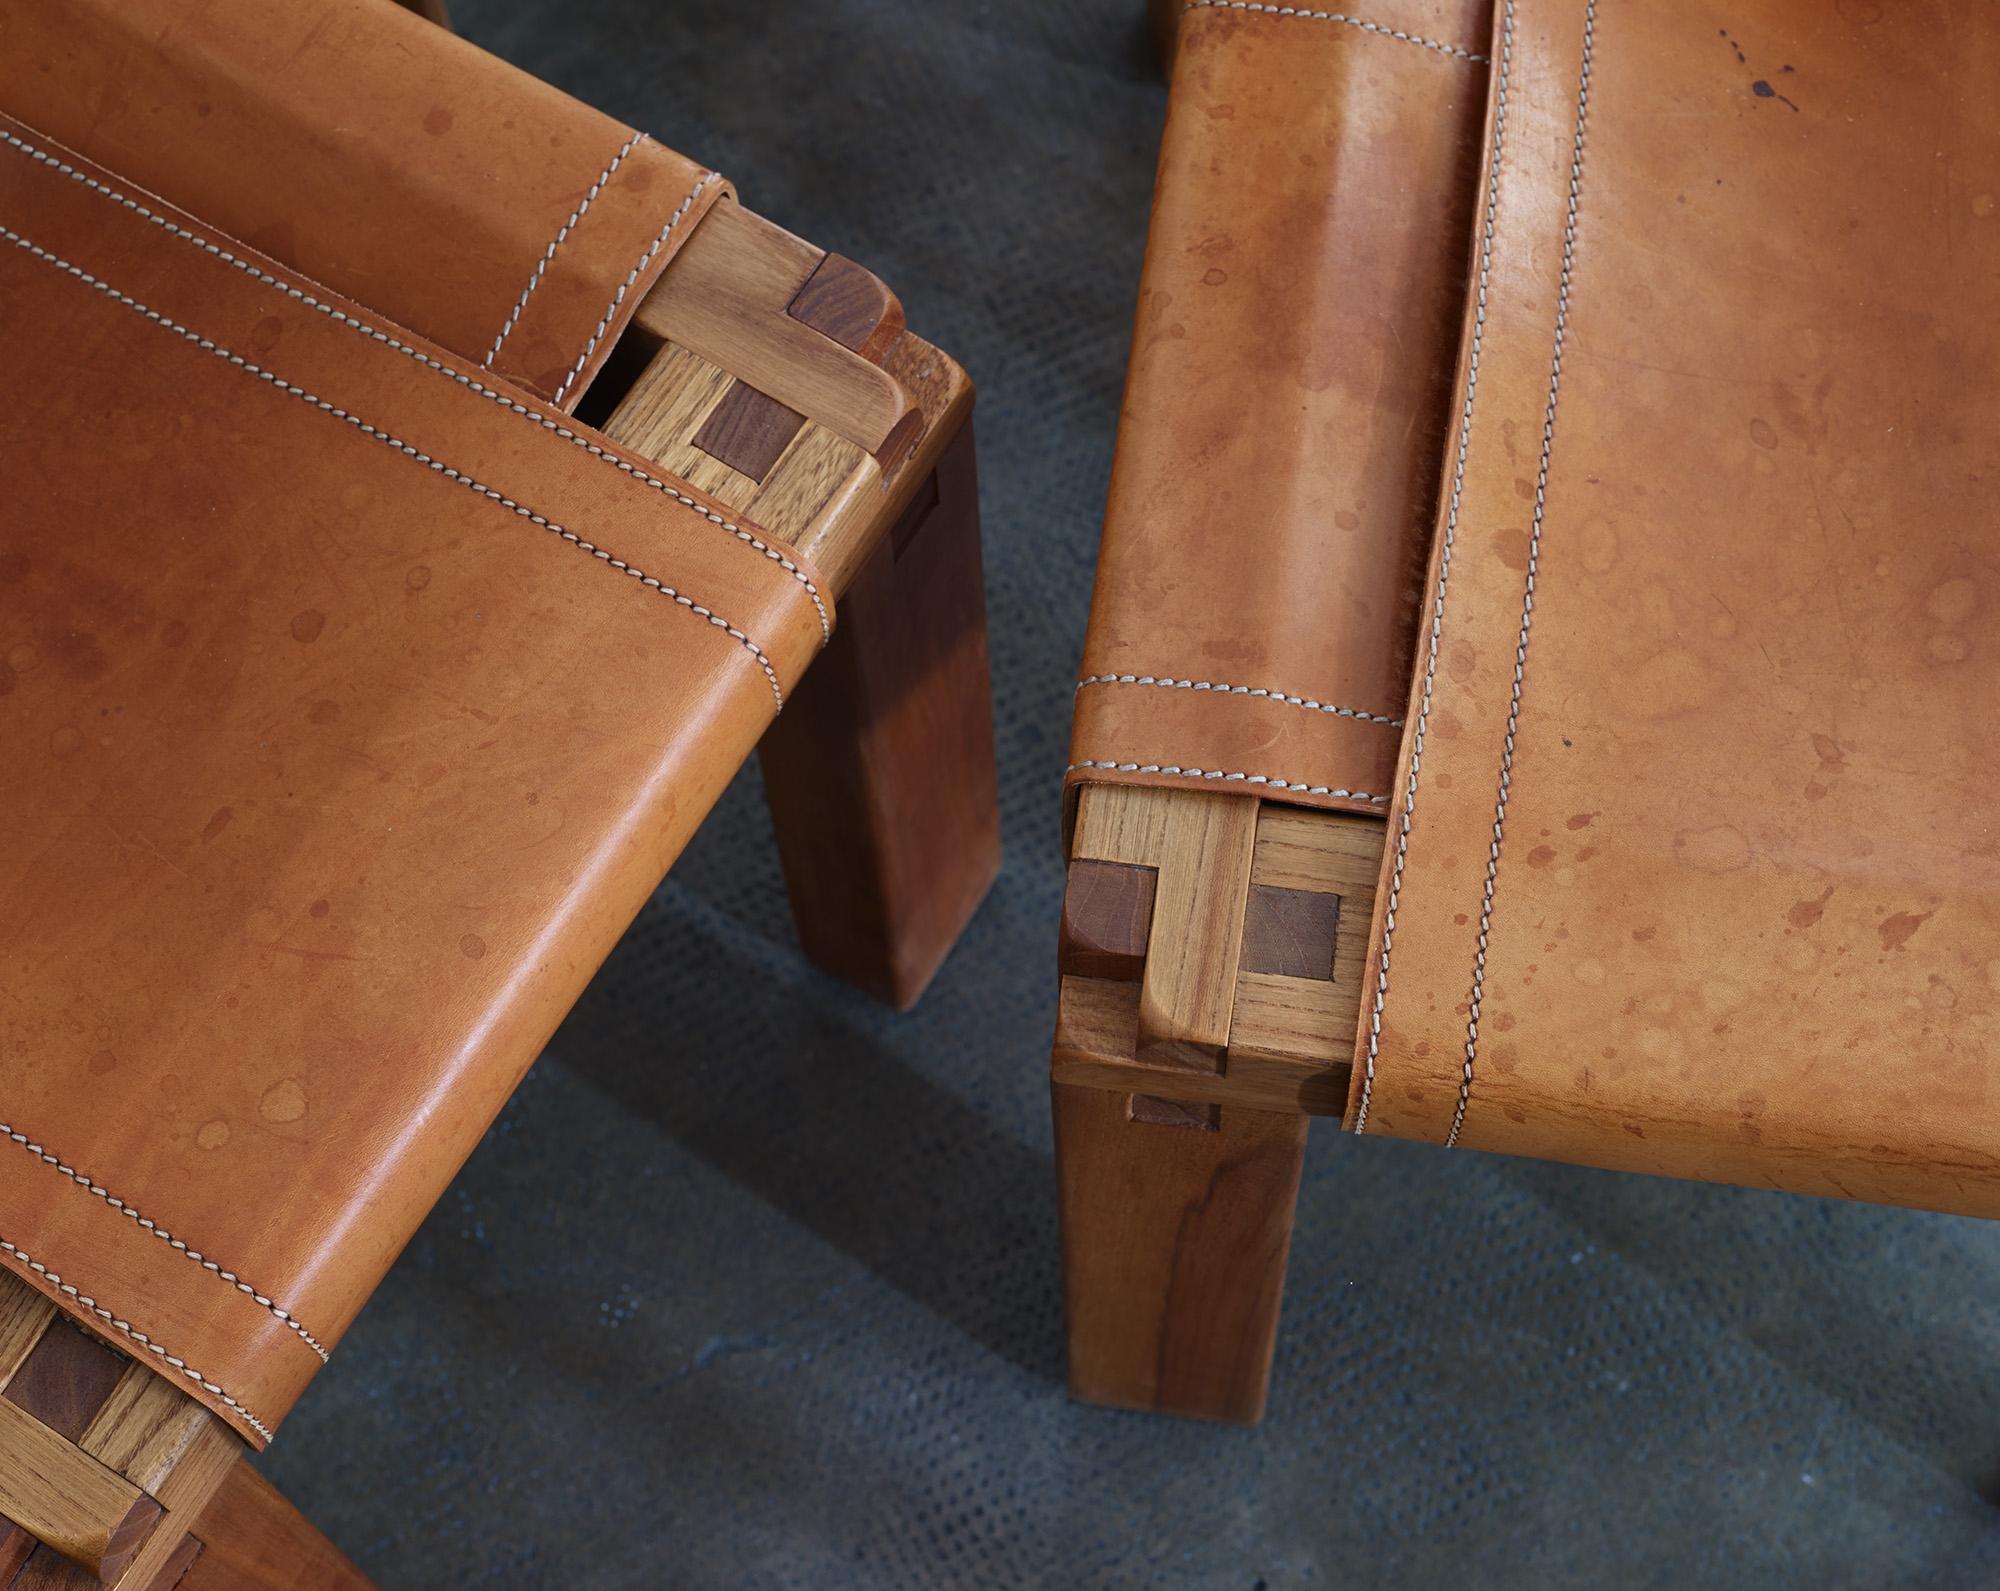 6-chaises-s11-de-pierre-chapo-image-12